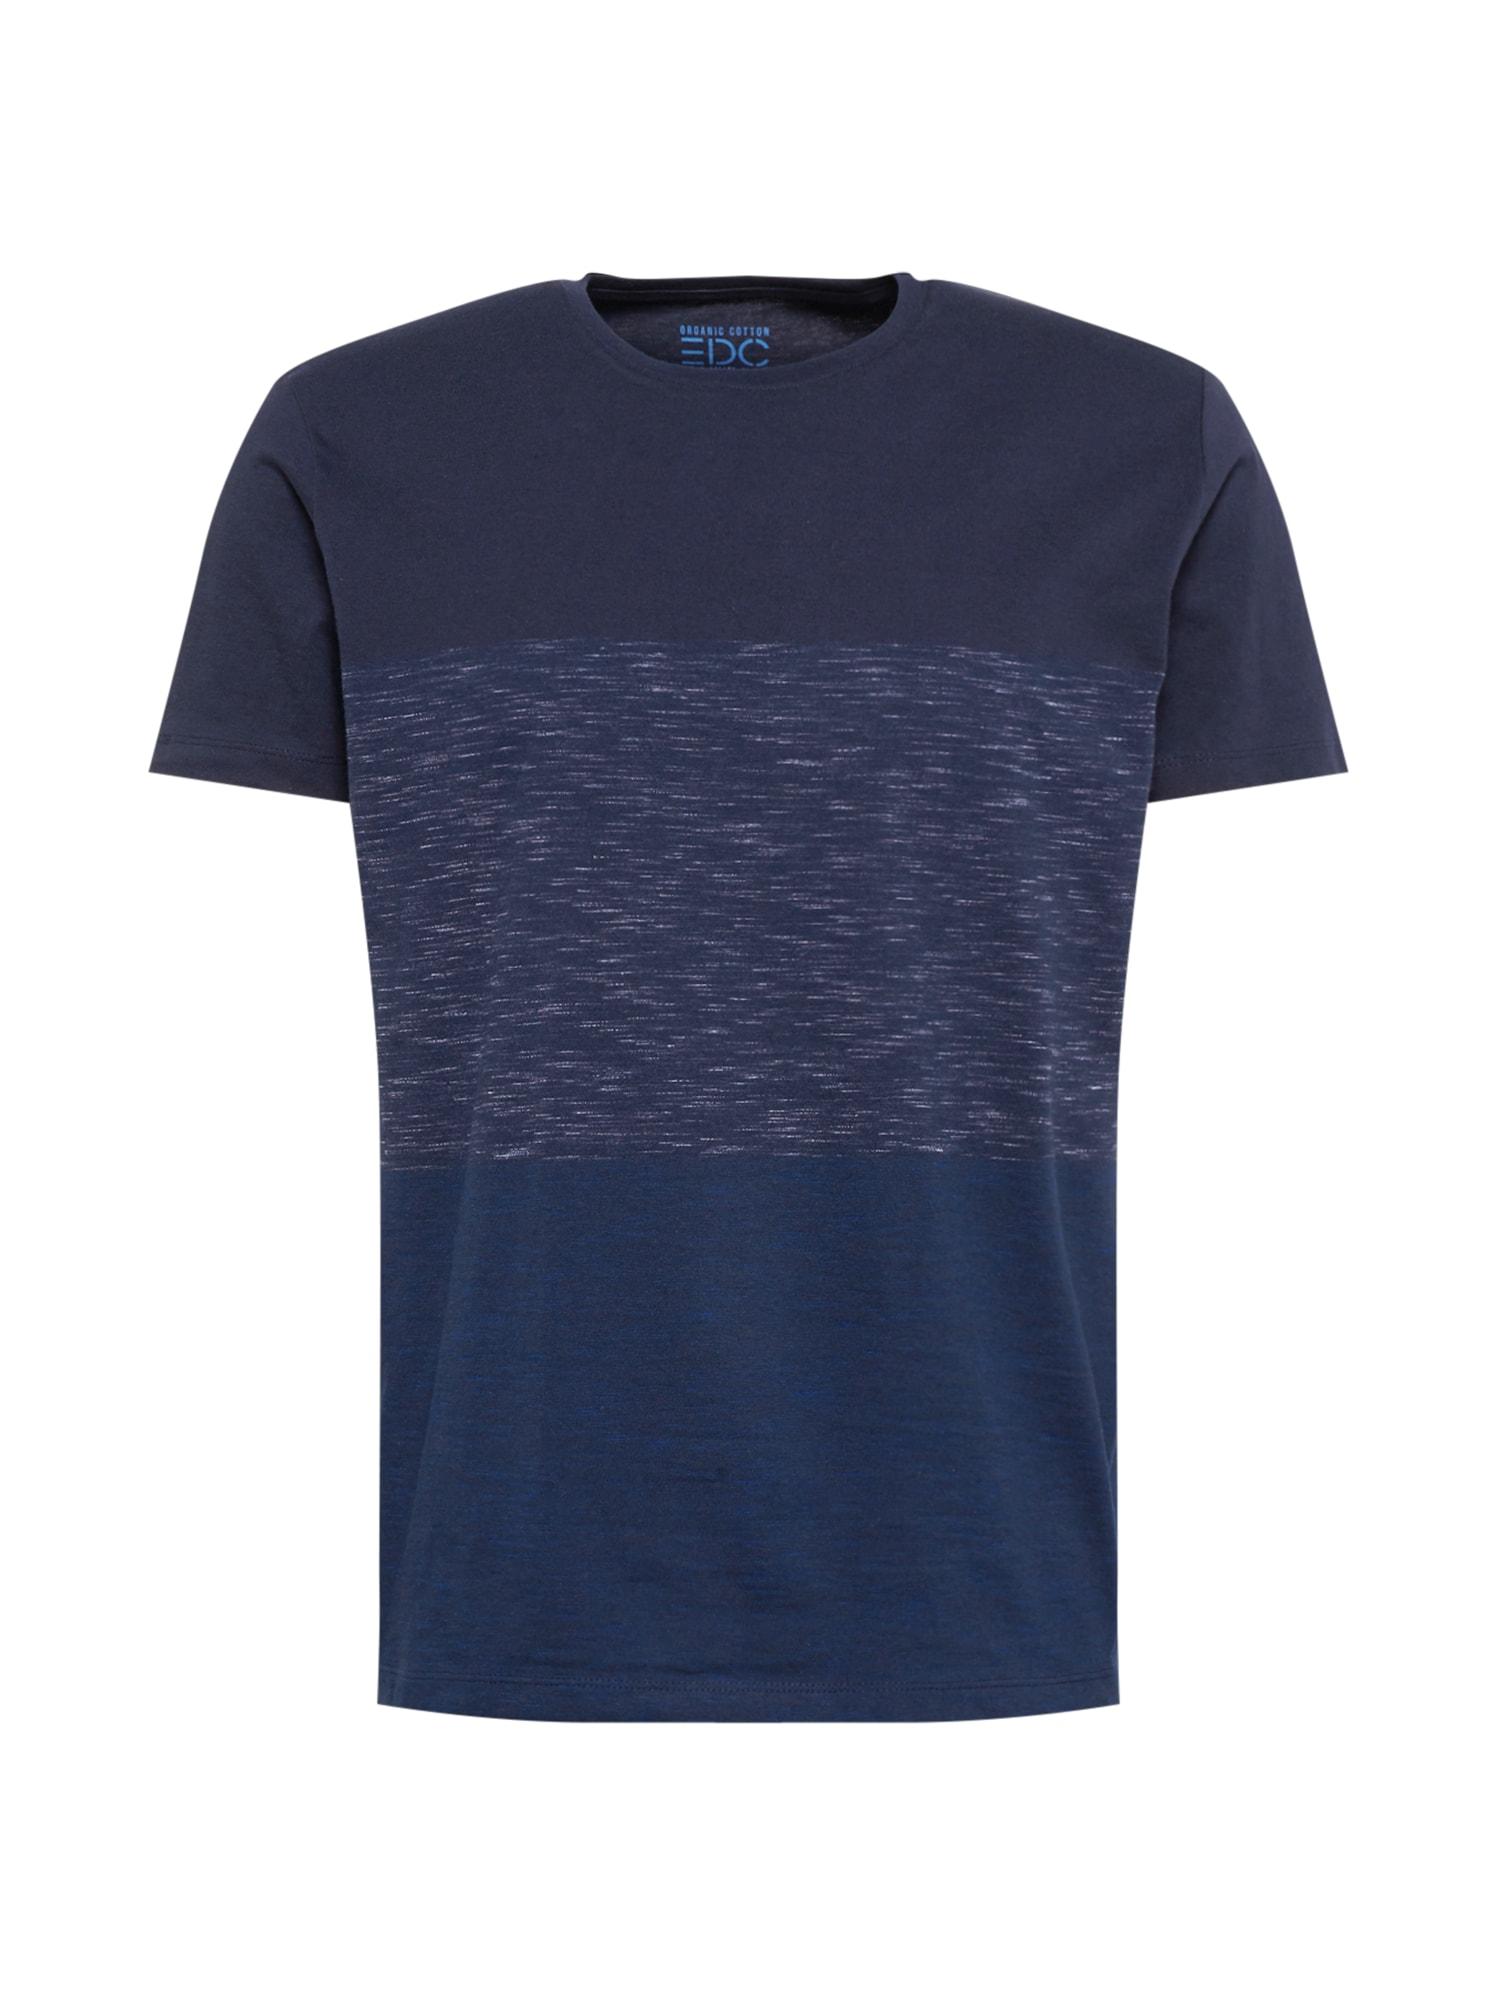 EDC BY ESPRIT Tričko  námořnická modř / kobaltová modř